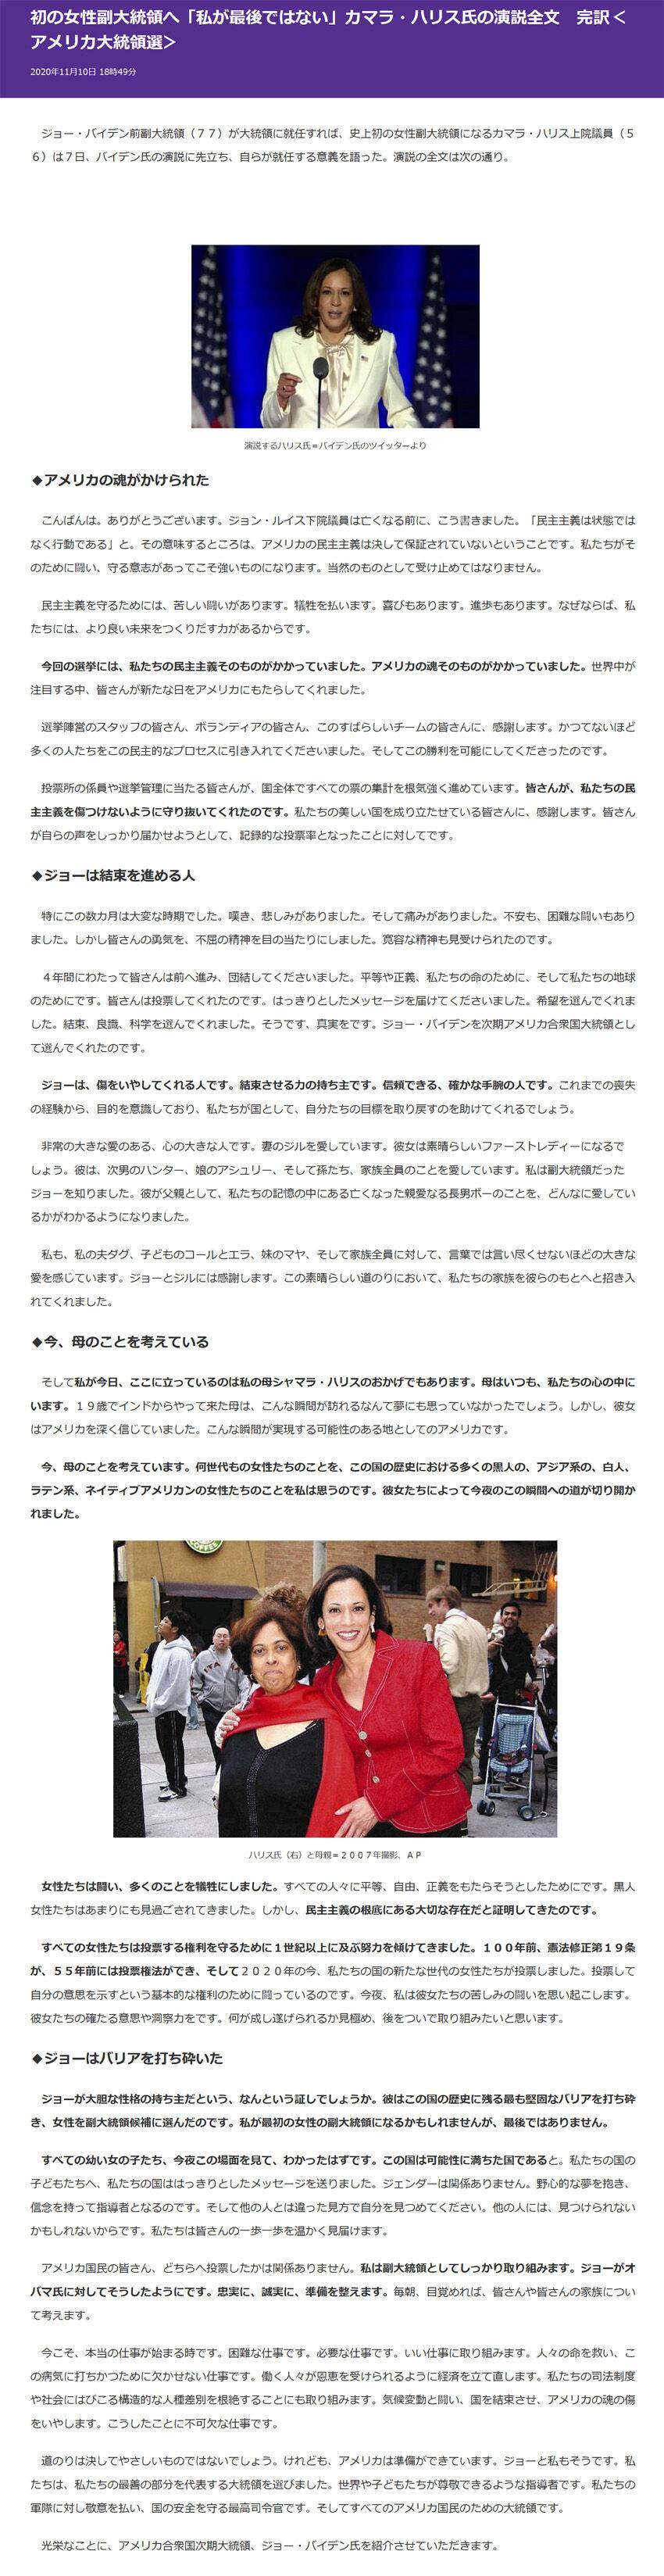 ハリス氏演説 Tokyou Web 850